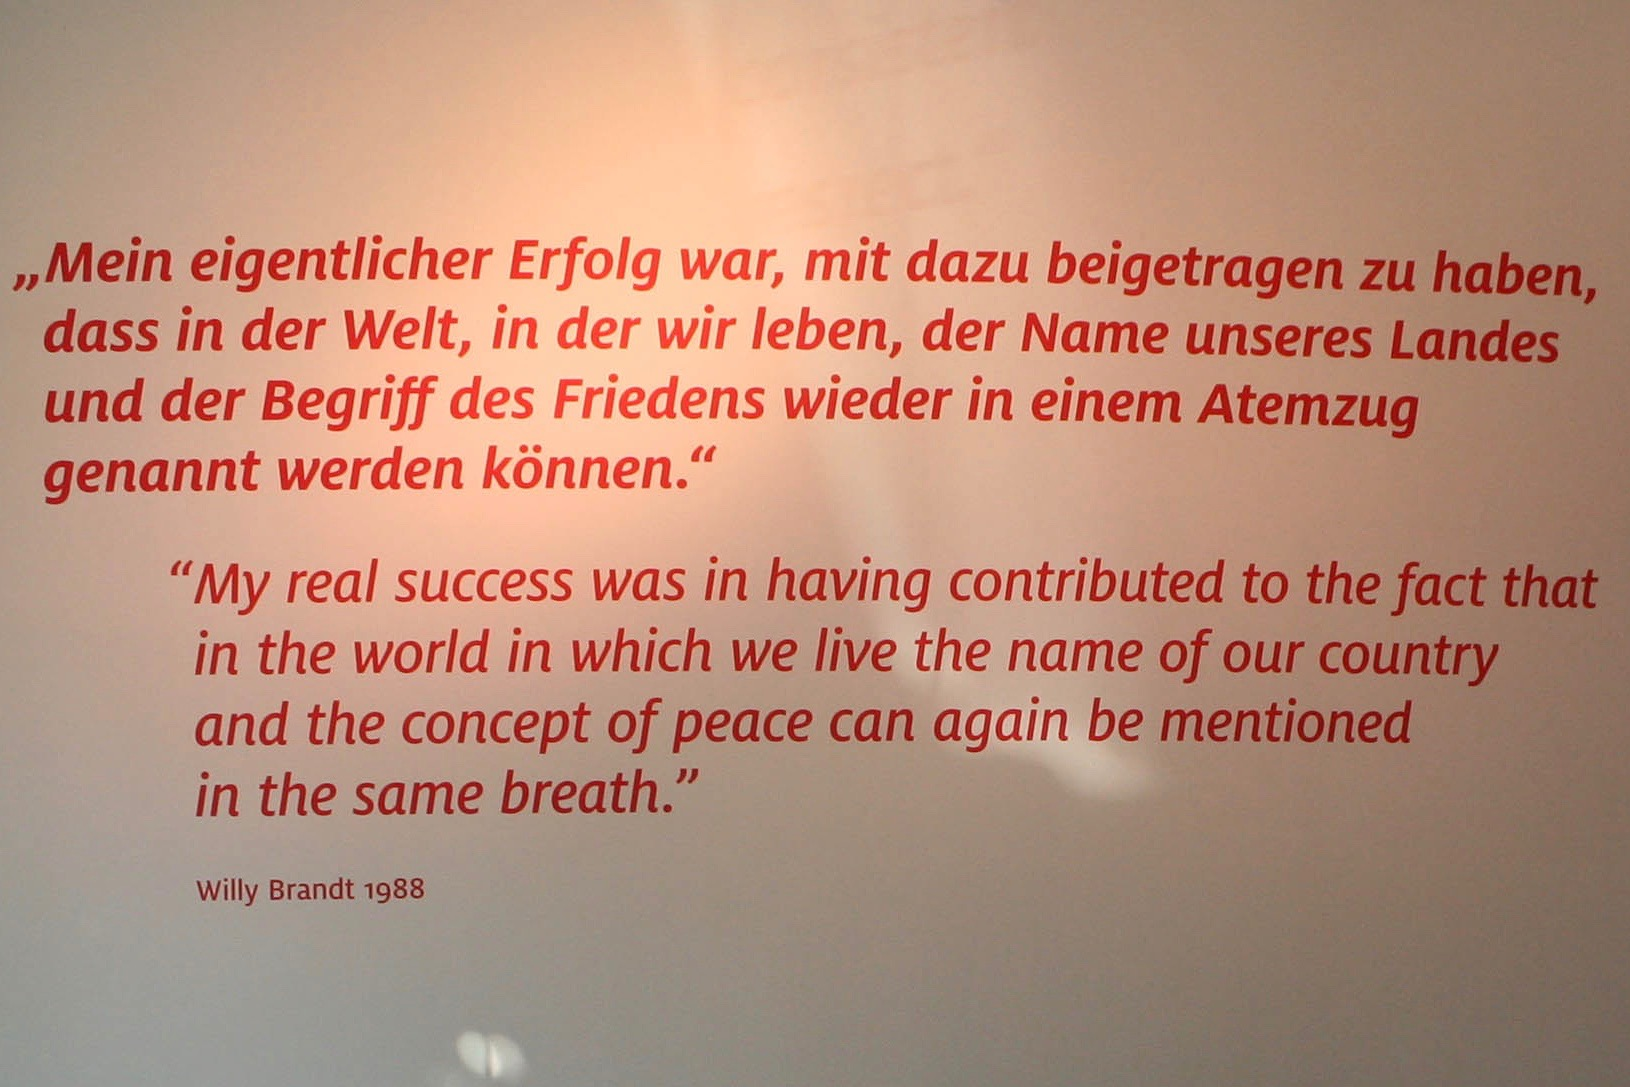 Zitate Und Einschätzungen Willy Brandt Biografie